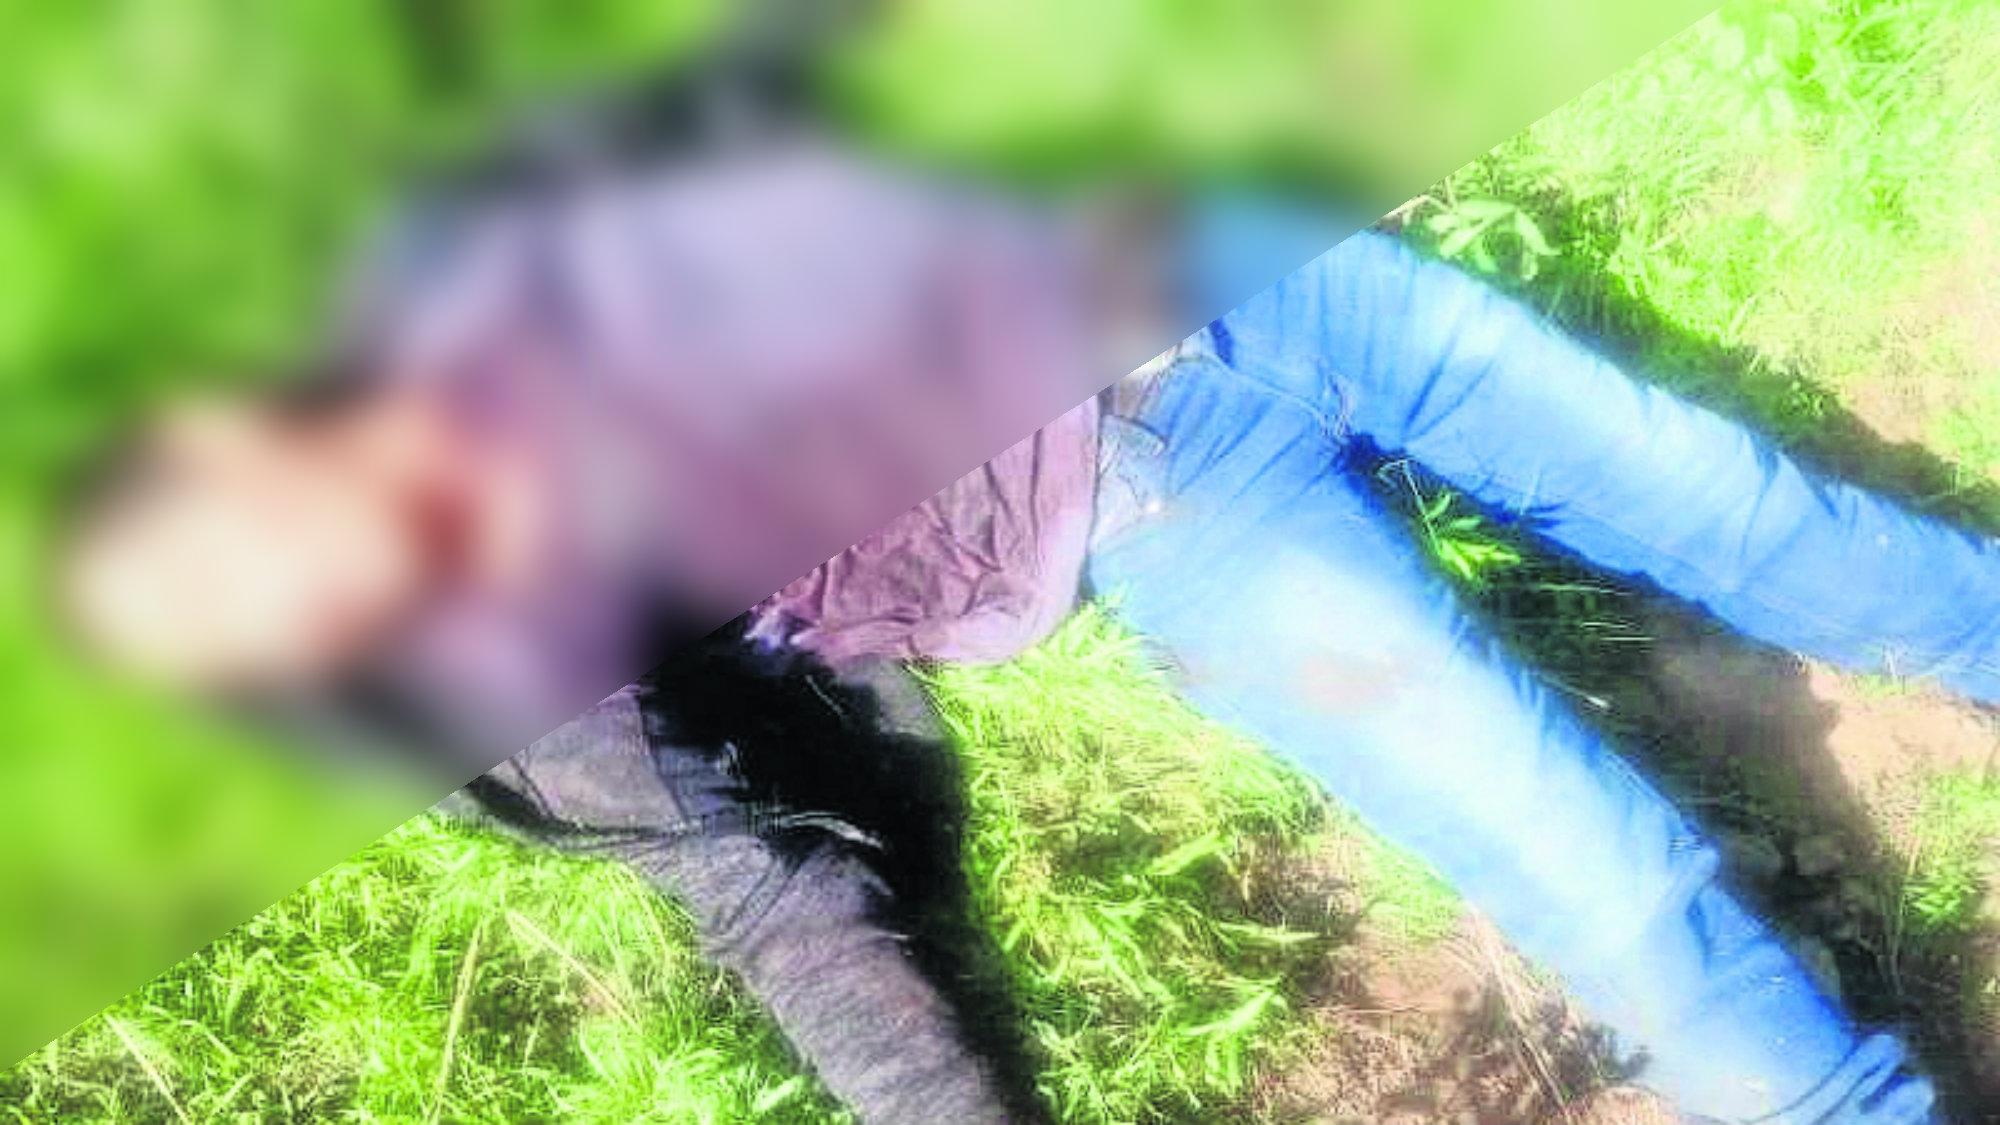 Hombre degollado Morelos Corte en el cuello